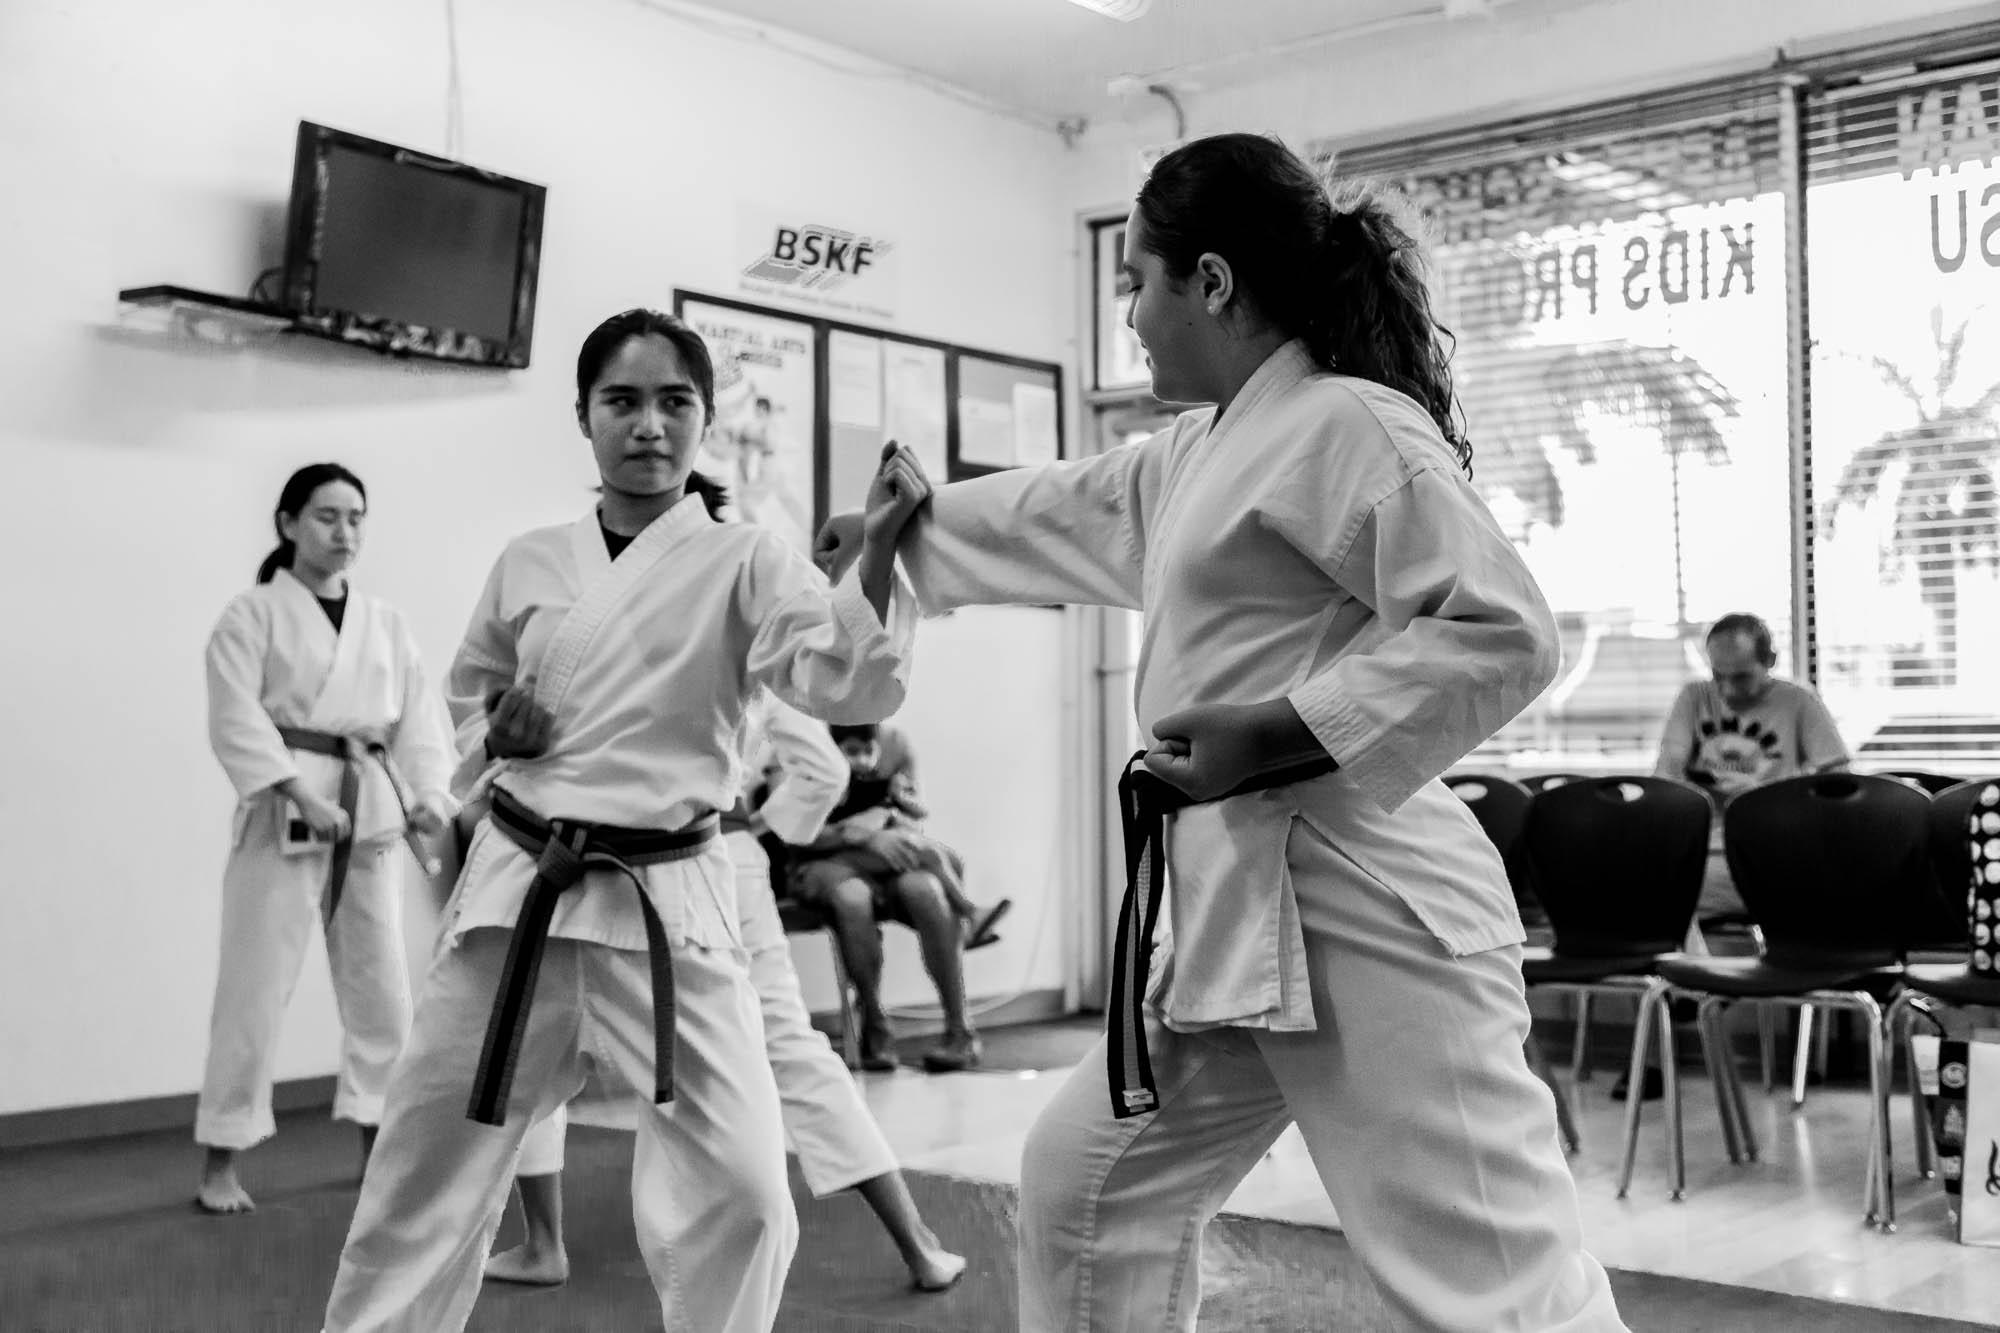 180906_Stock_Karate_4254_AnthonyMoreira.jpg